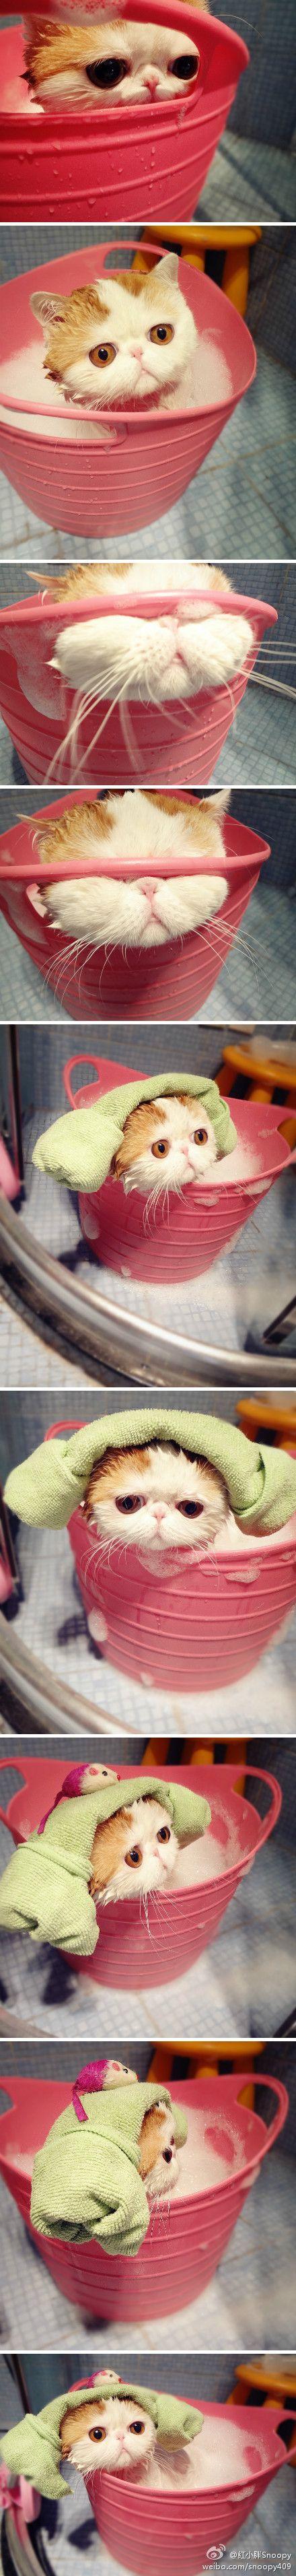 Hora del baño! Omg esos ojitos! ♥  =D